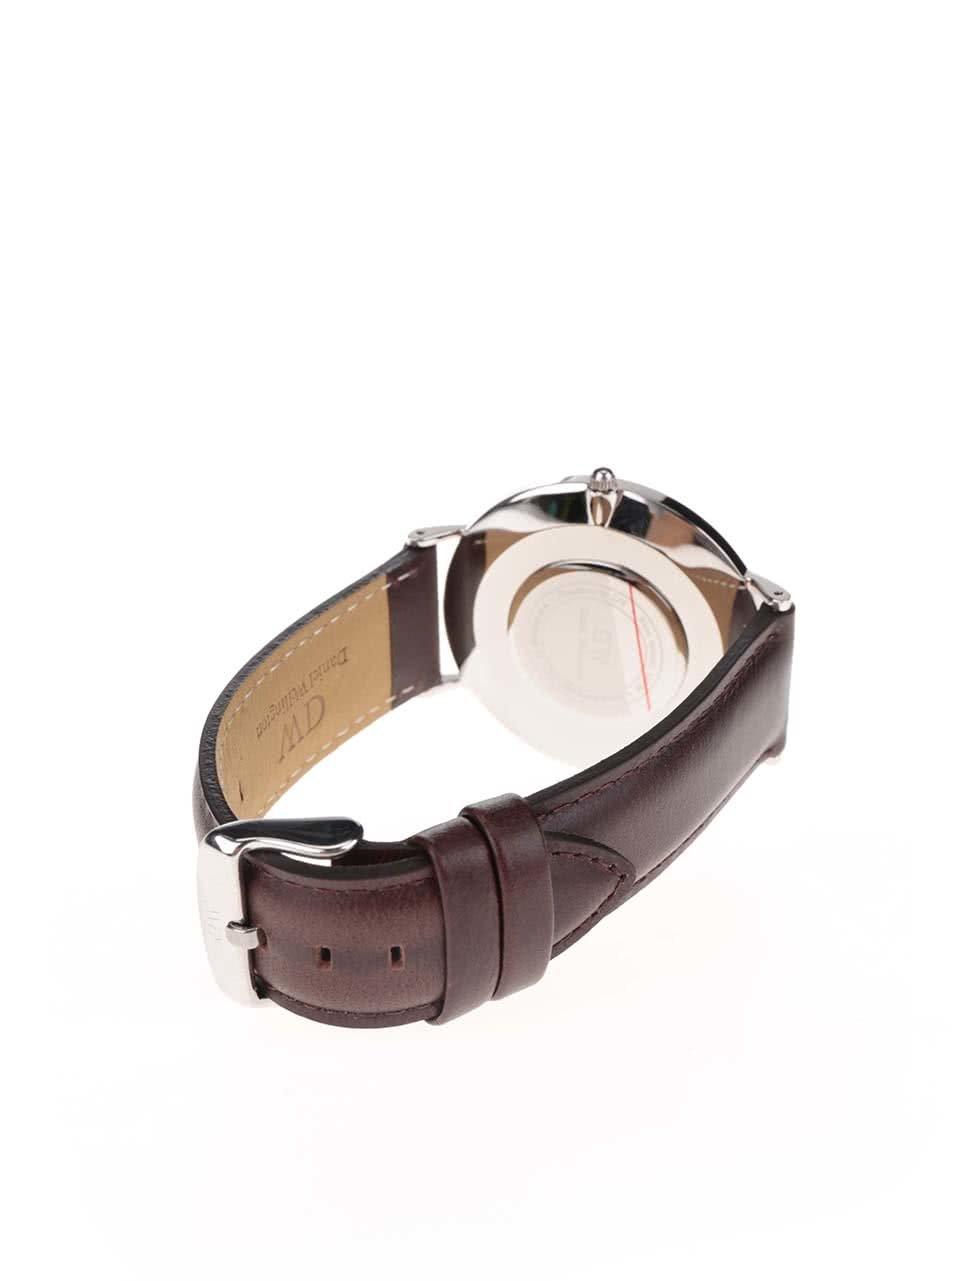 Pánské hodinky ve stříbrné barvě CLASSIC Bristol Daniel Wellington ... 1d2dbc541c